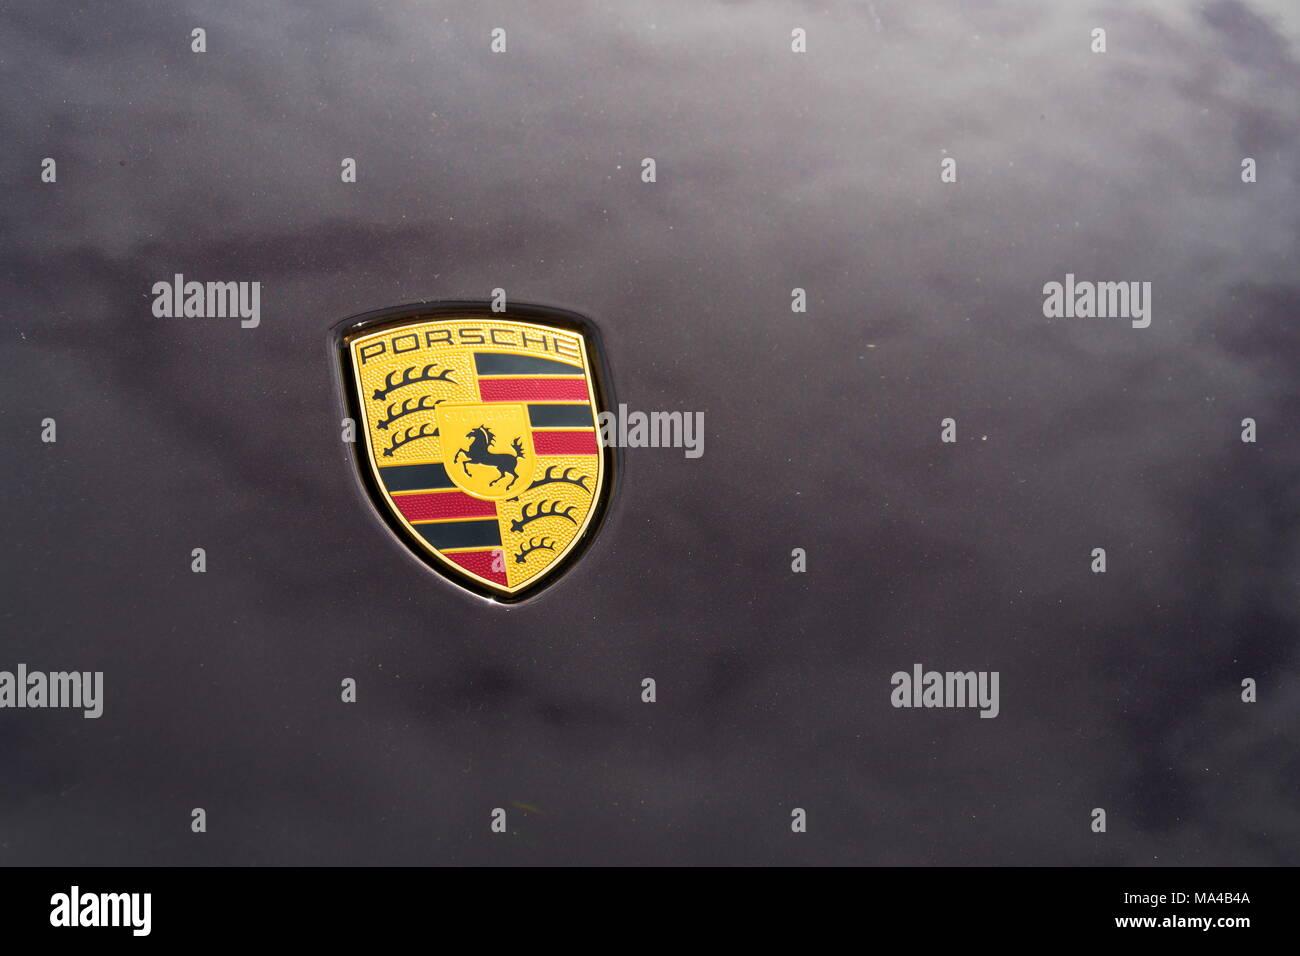 Prague Czech Republic March 29 2018 Porsche Automotive Company